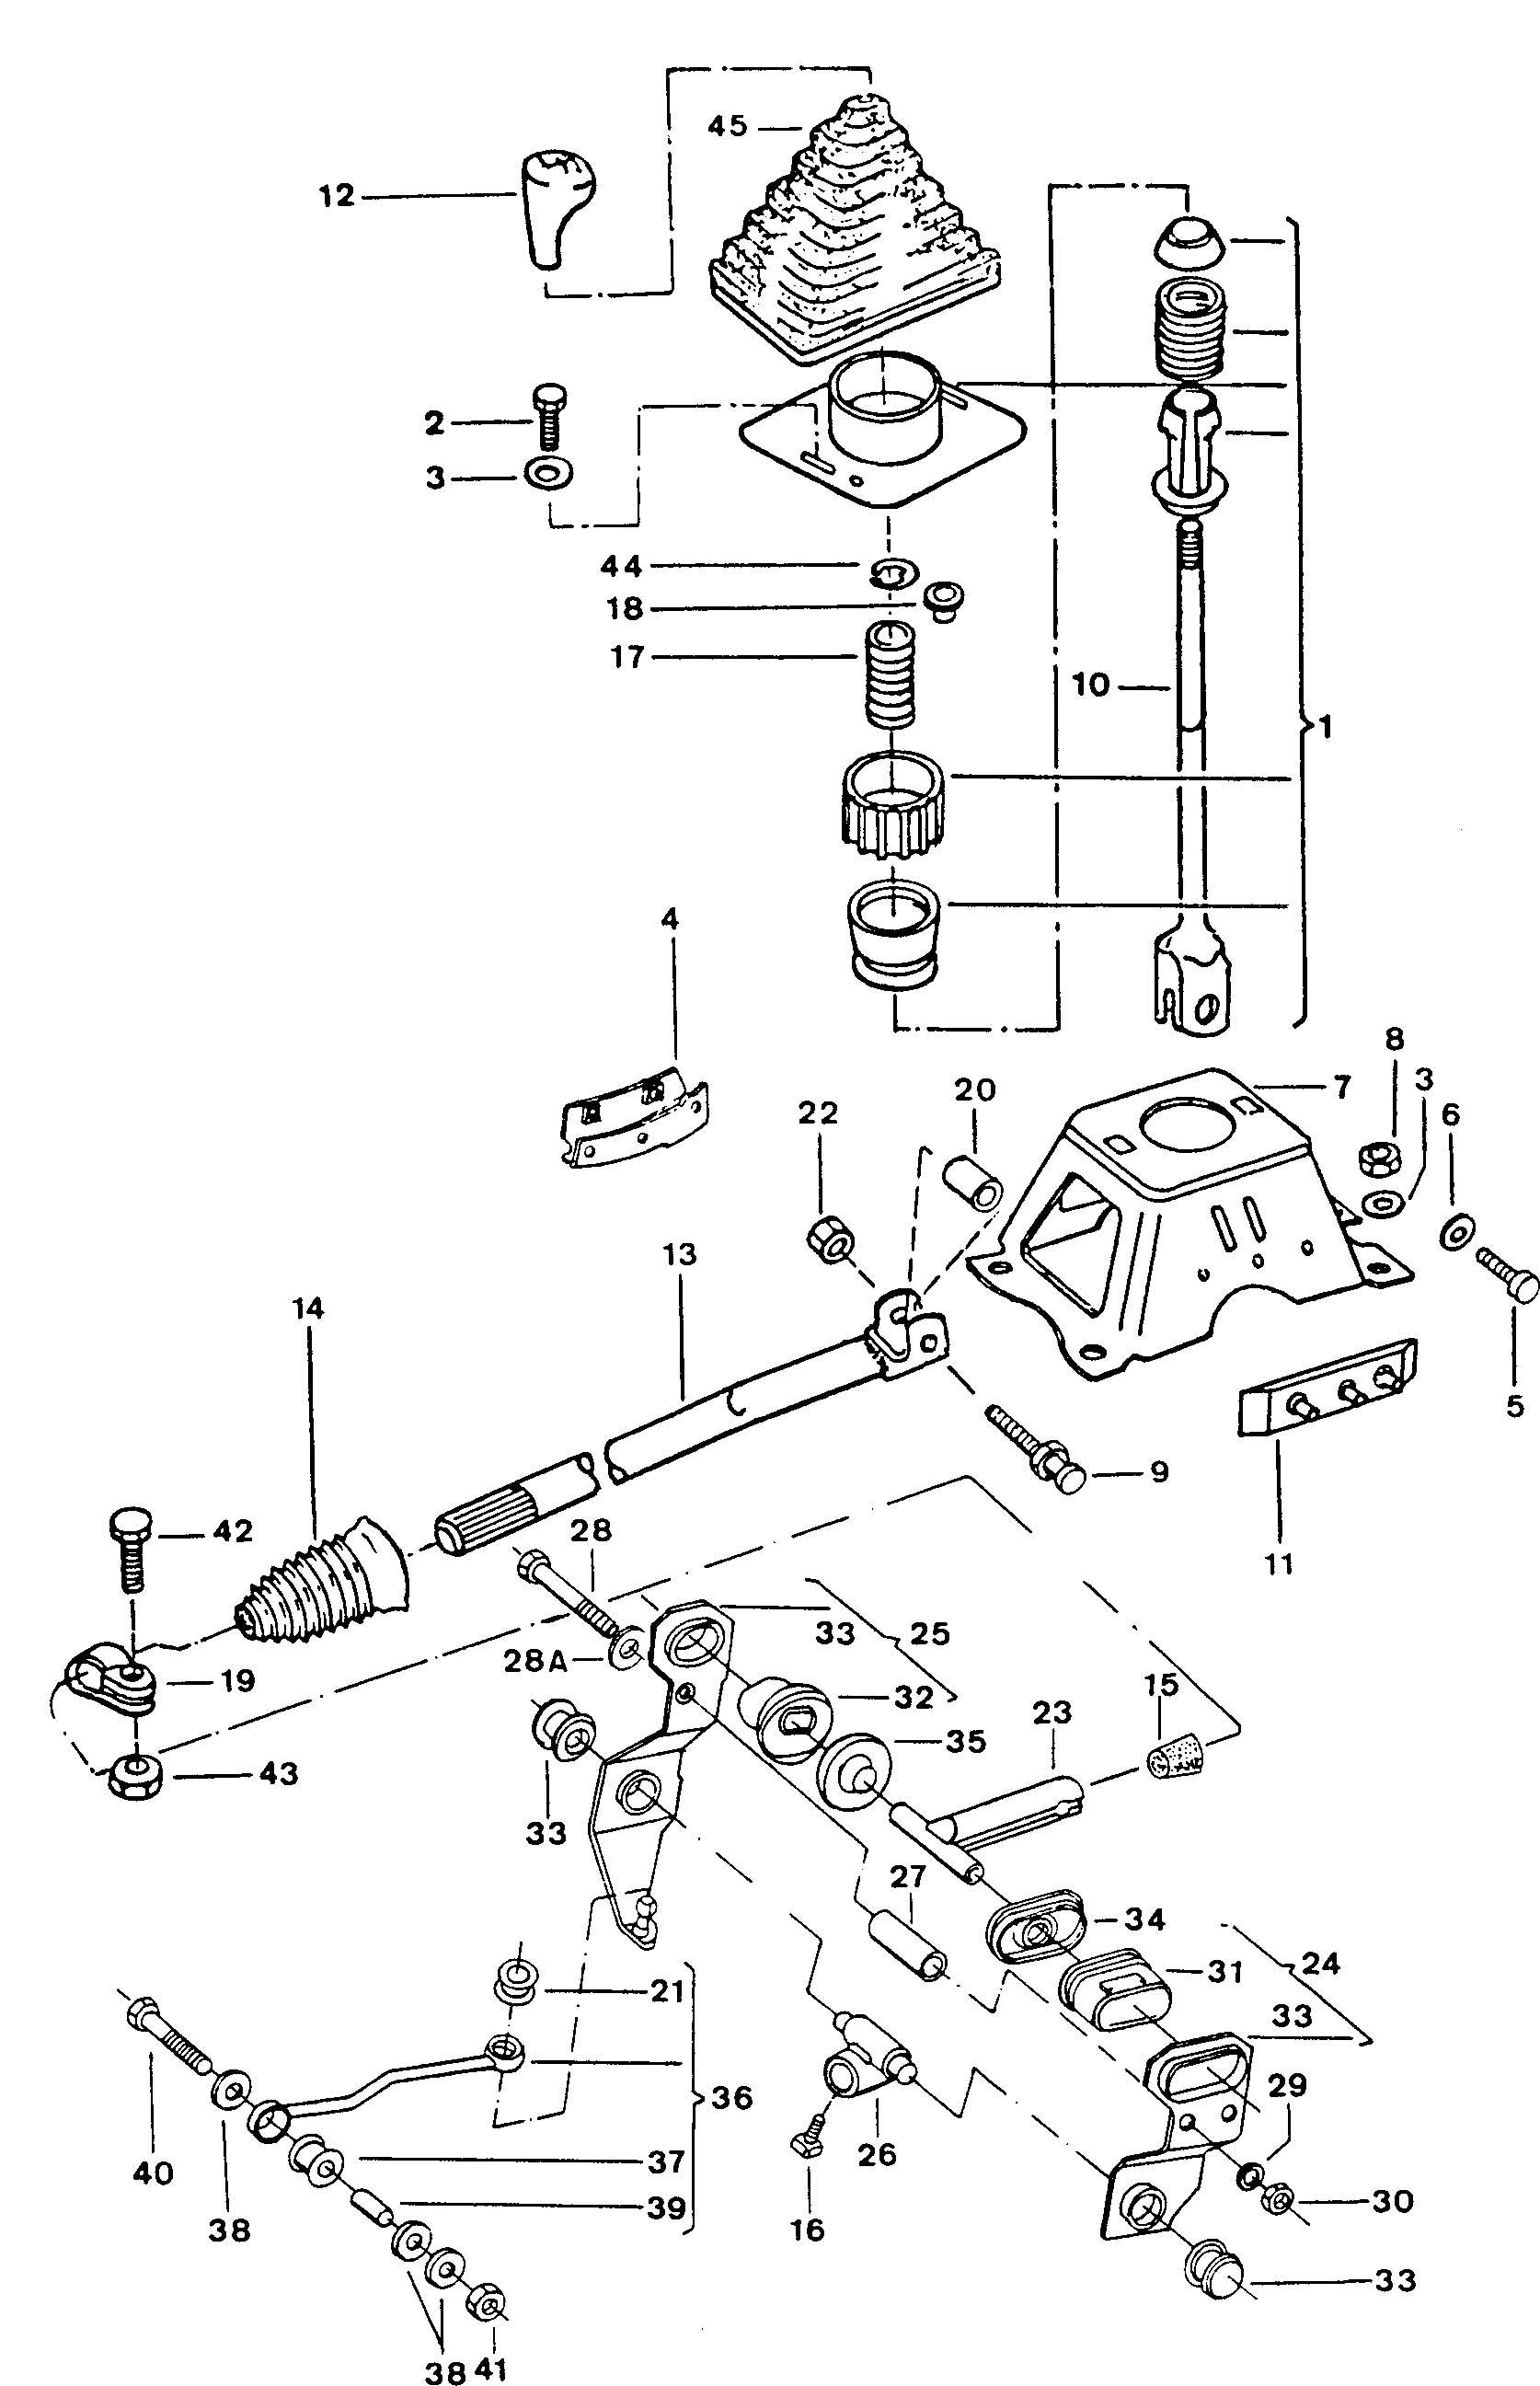 Volkswagen Fox Shift mechanism